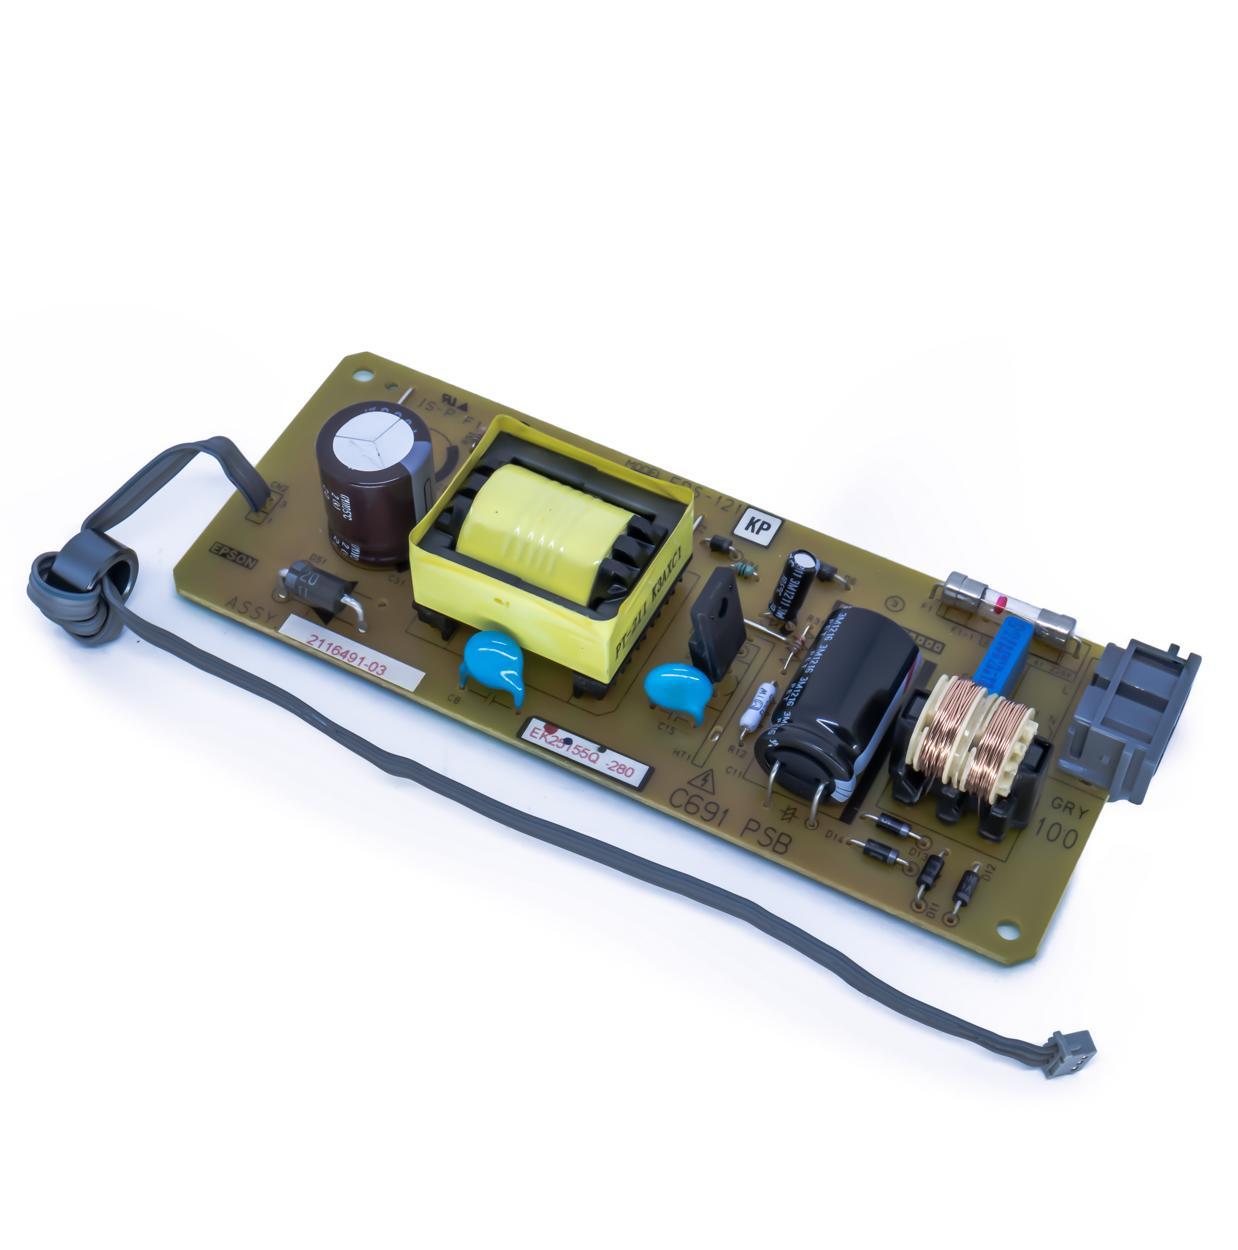 FONTE DE ENERGIA DA IMPPRESSORA EPSON T50, R290, R280, L800, L805 E ARTISAN 50